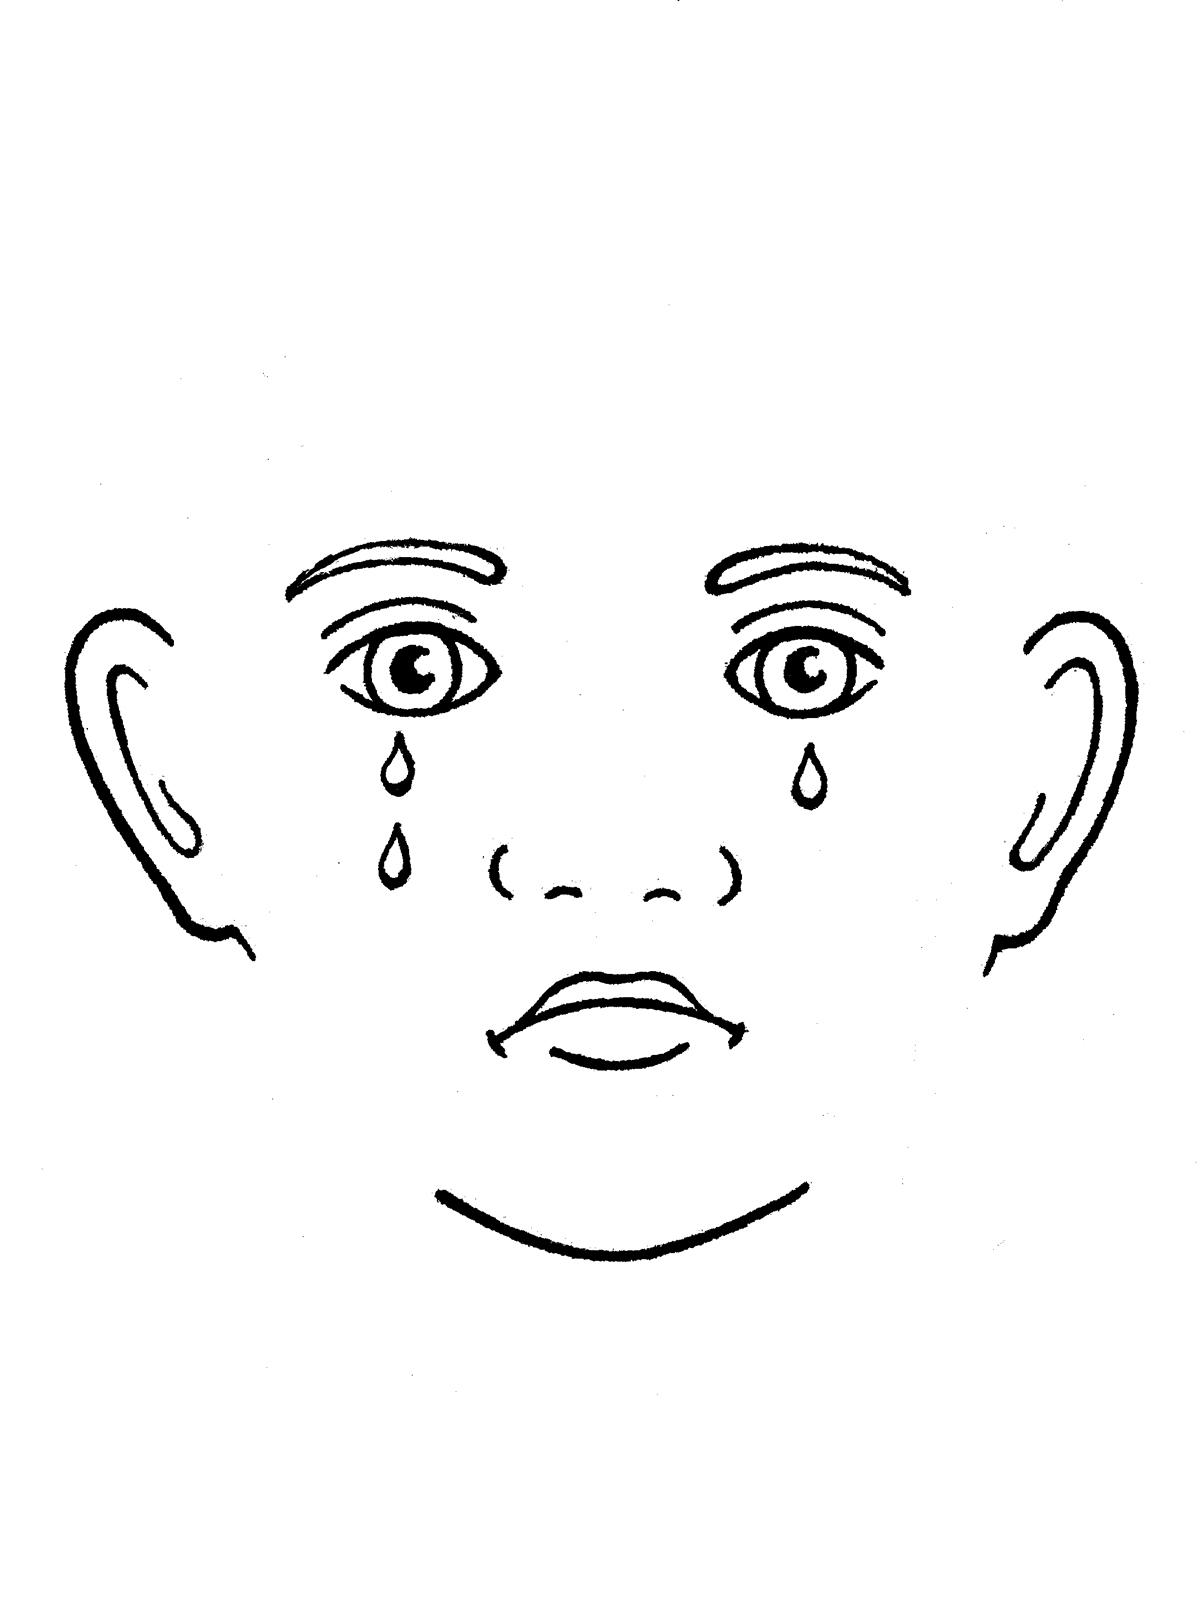 pics of sad faces